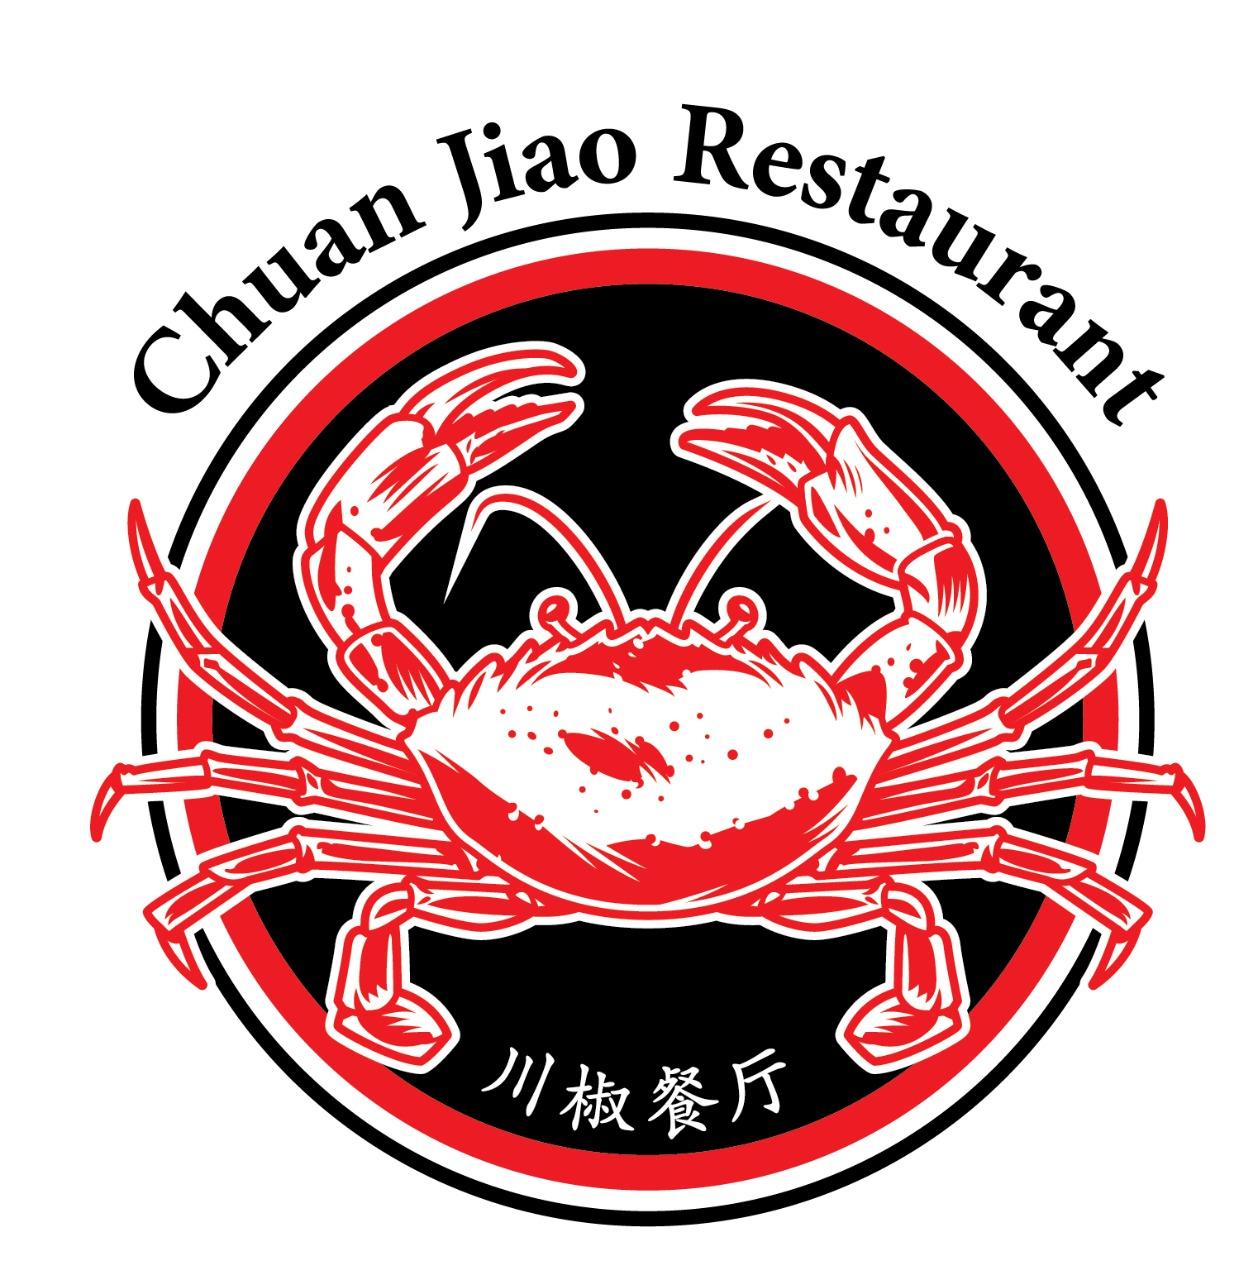 Chuan Jiao Restaurant